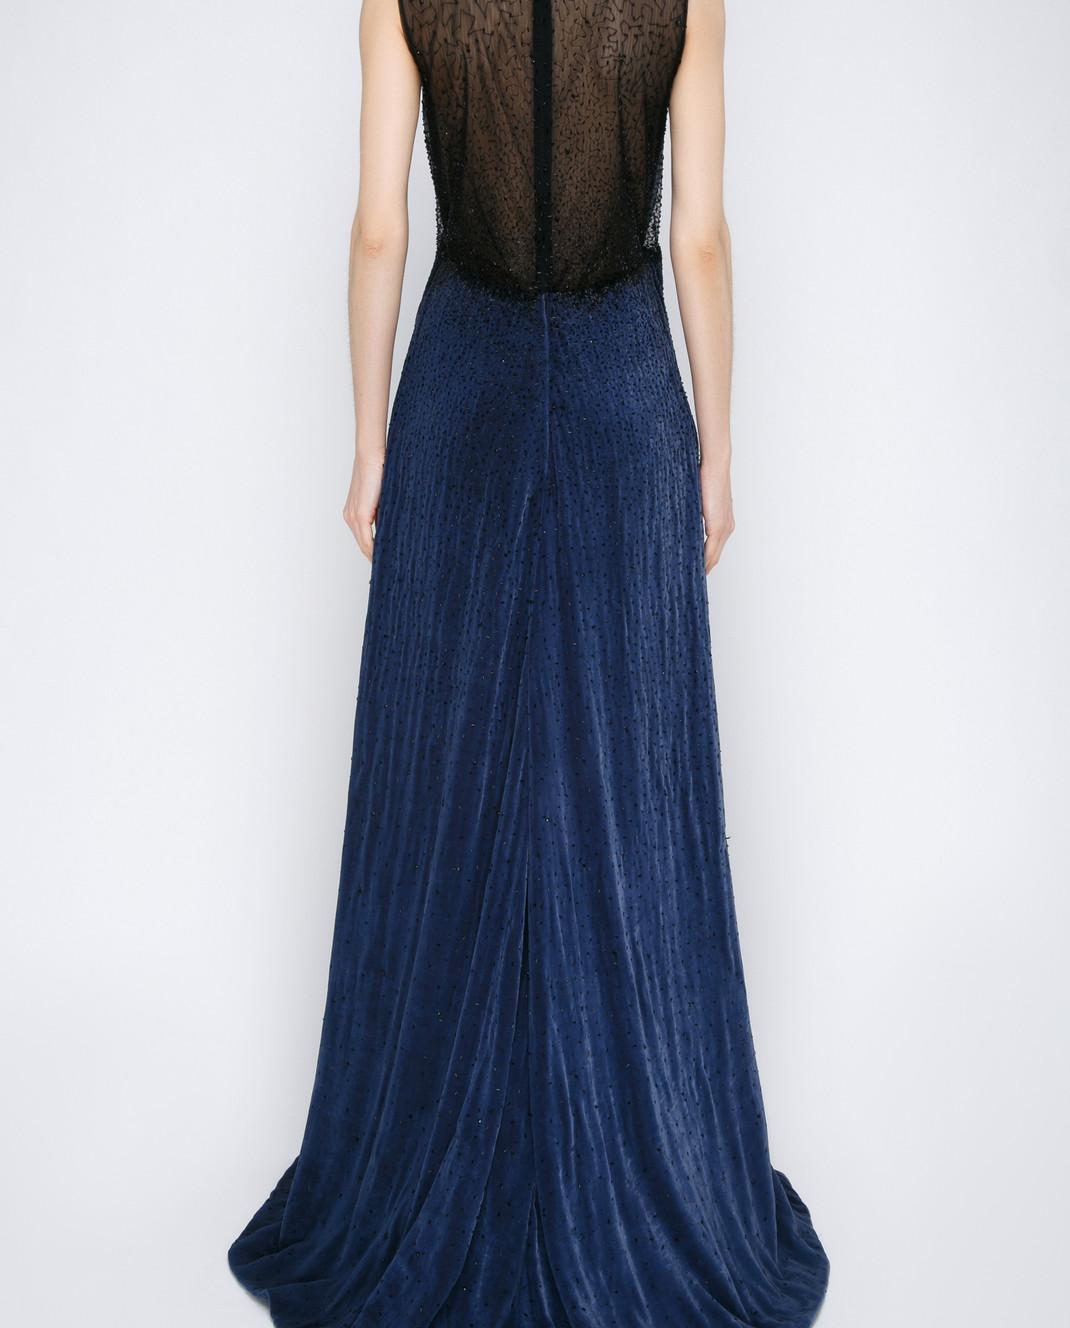 Dennis Basso Синее платье 13508 изображение 4